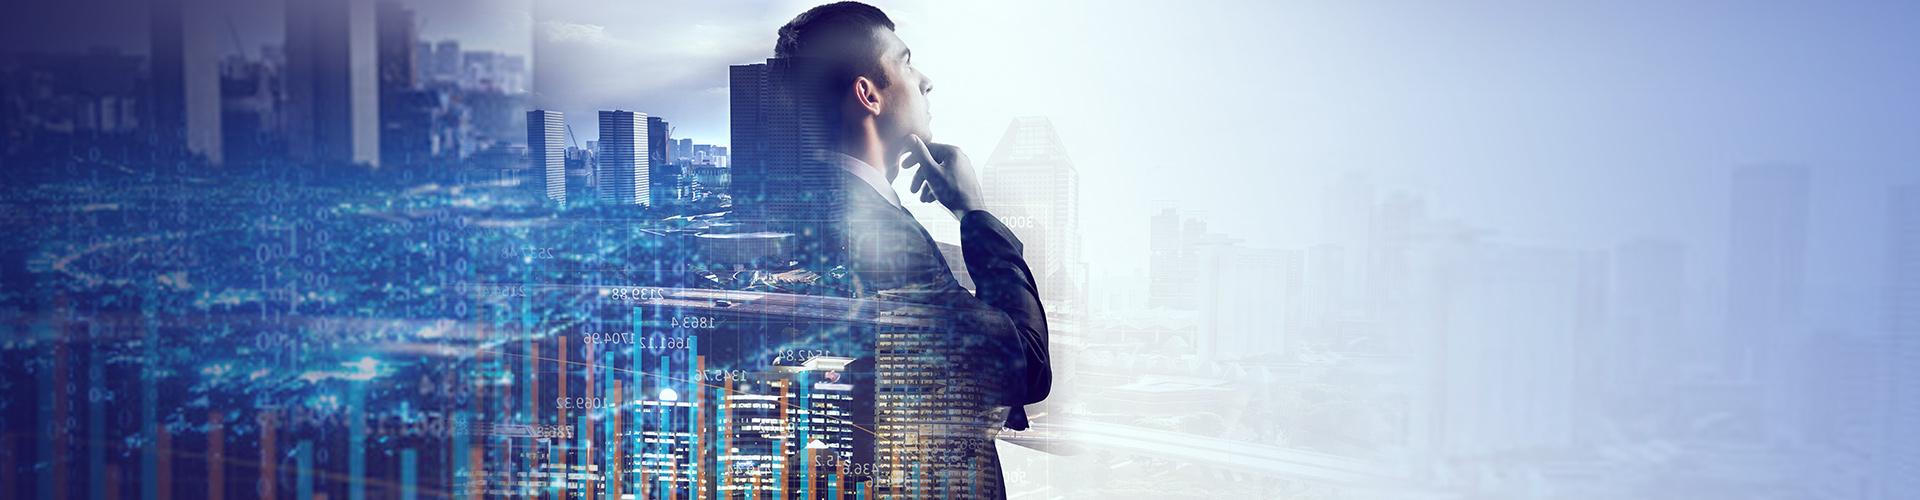 Travailler à l'ère post digitale - Quel travail pour 2030 ?